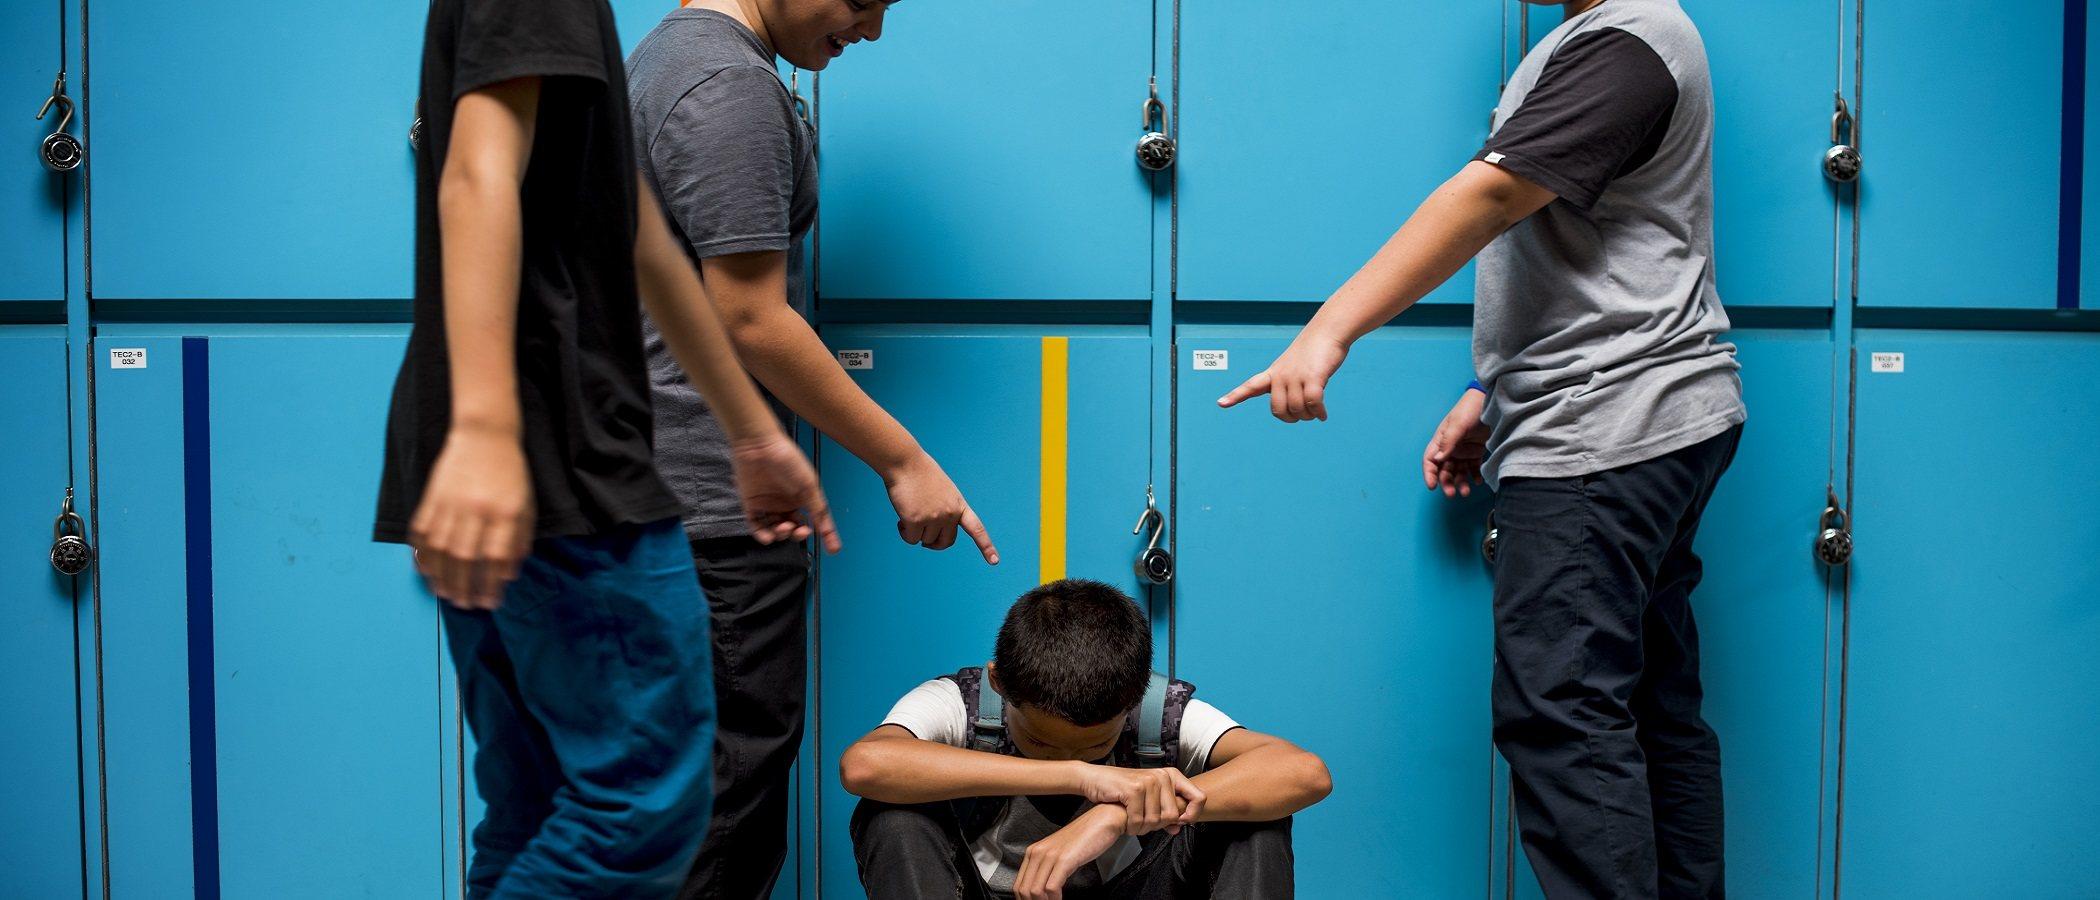 La exclusión social duele en la infancia